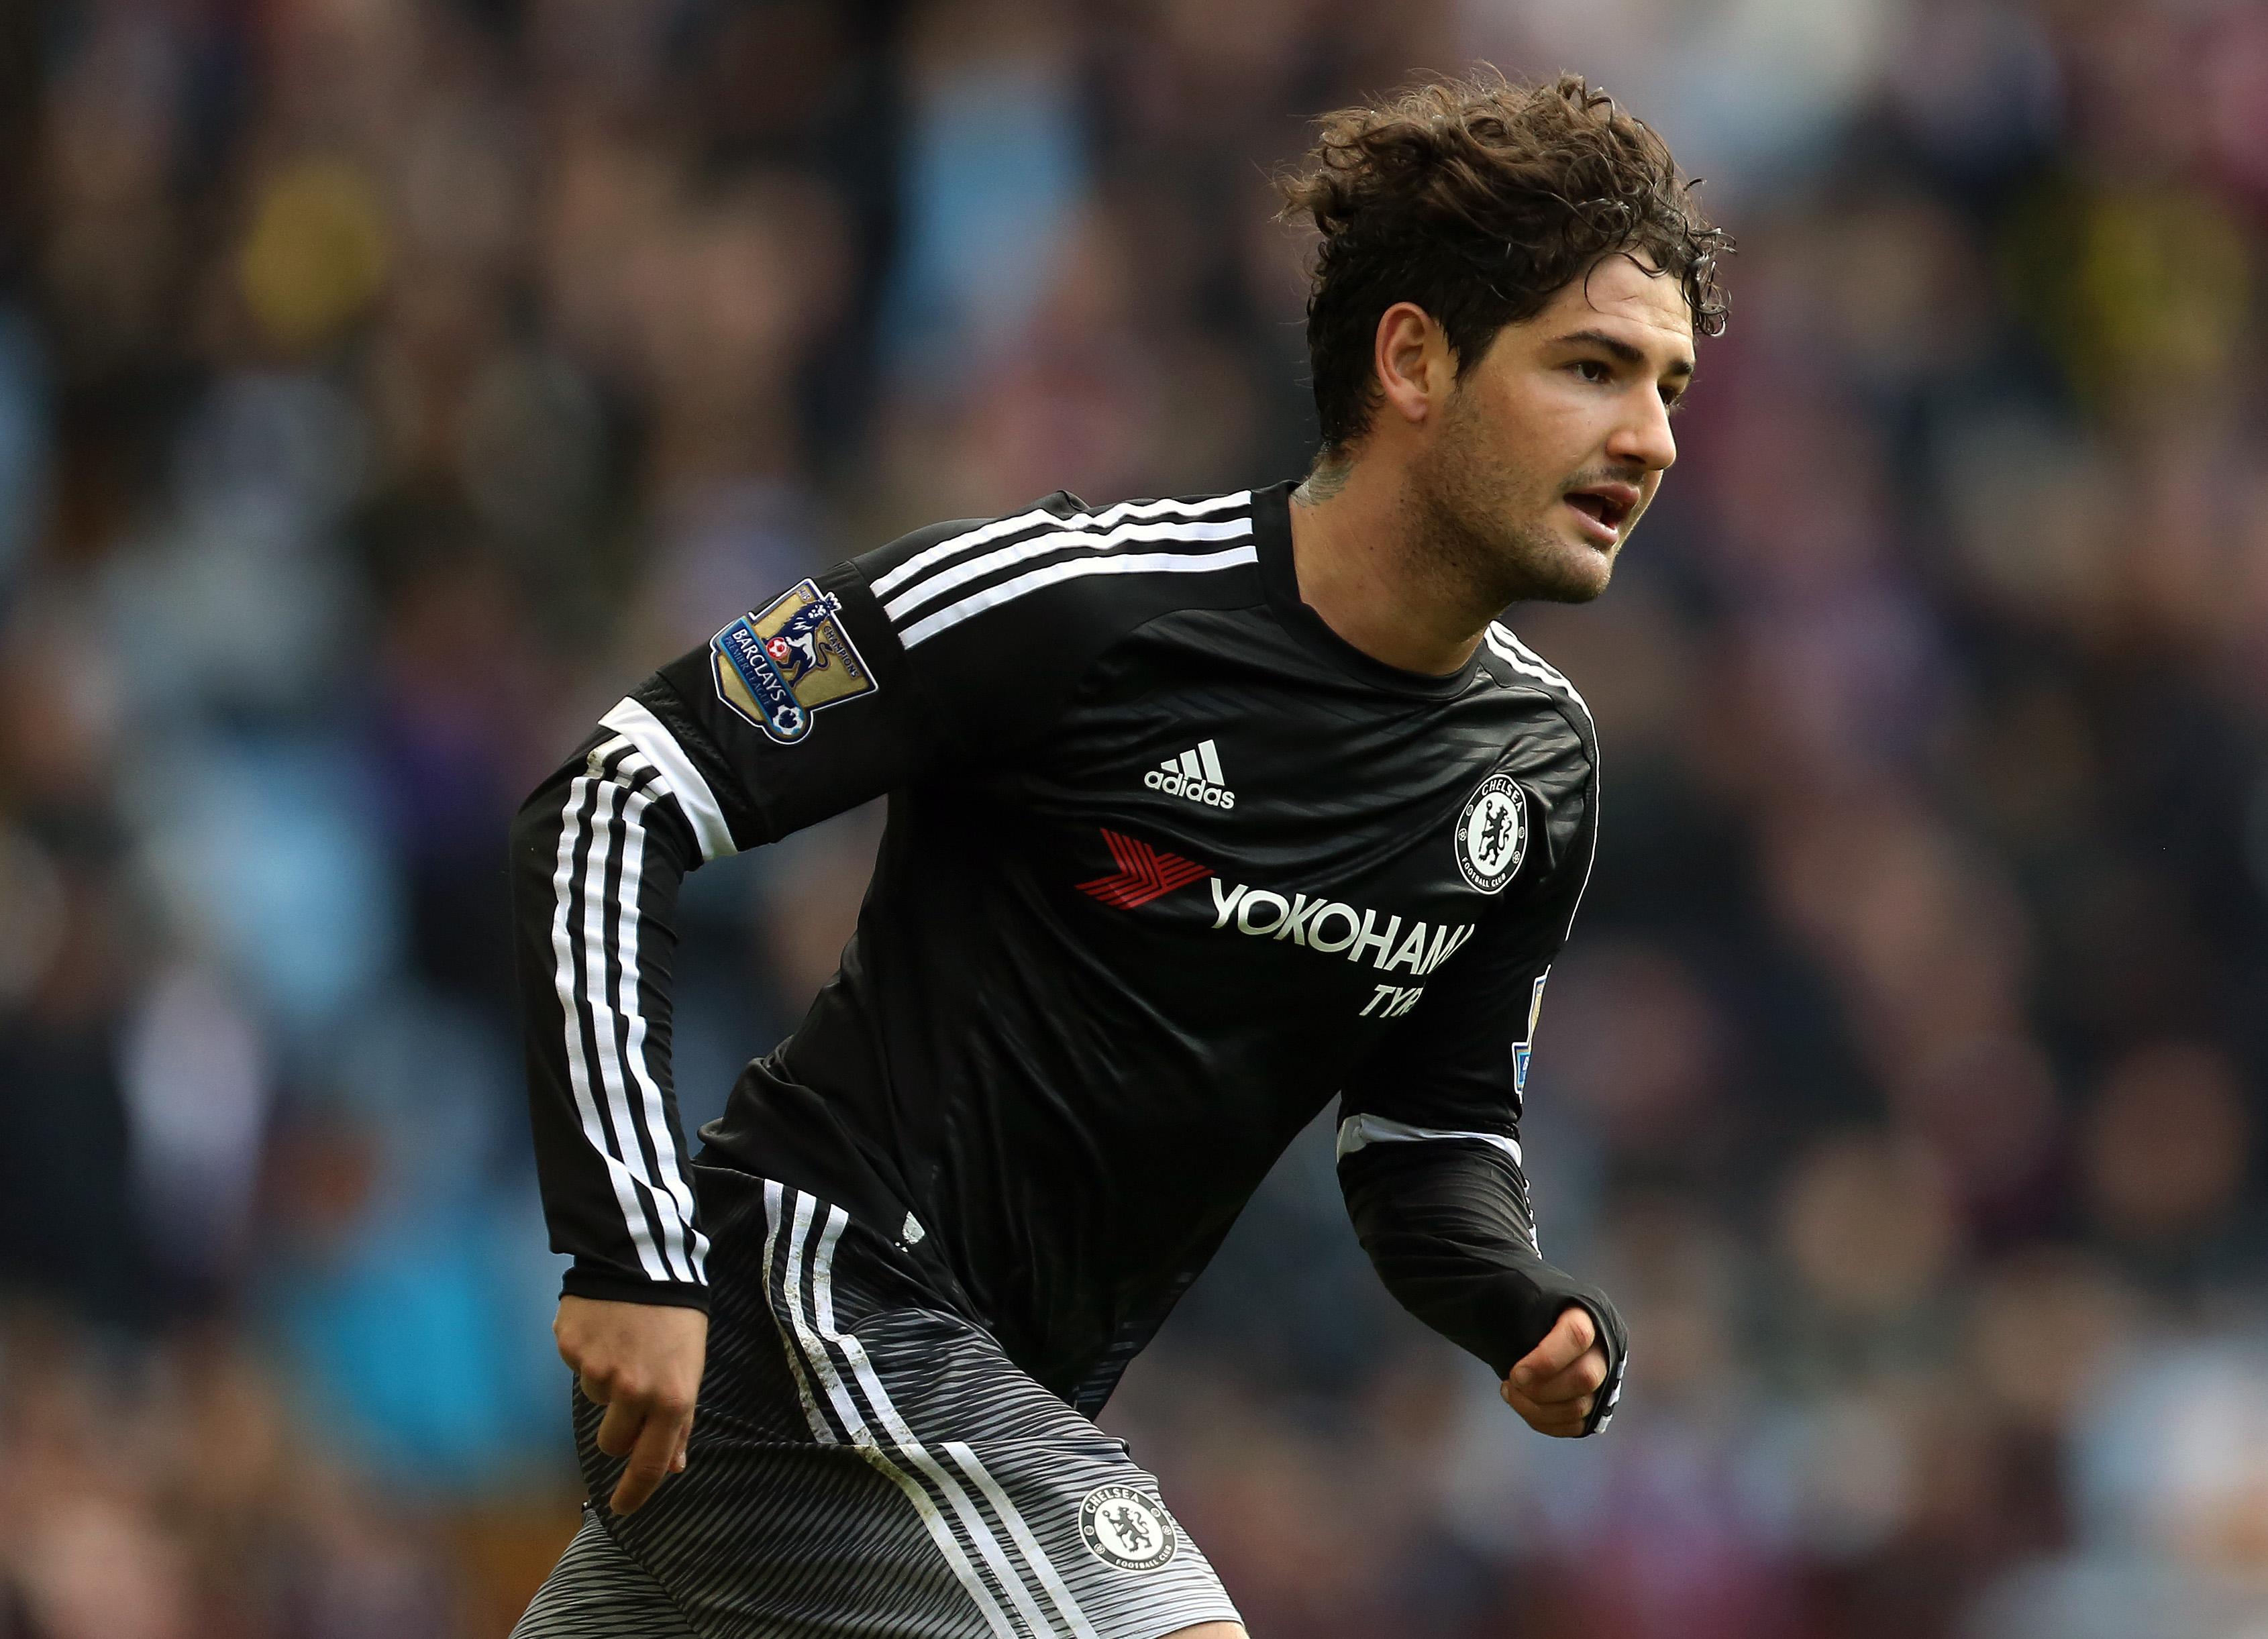 Antonio Conte could make Alexandre Pato's Chelsea transfer permanent